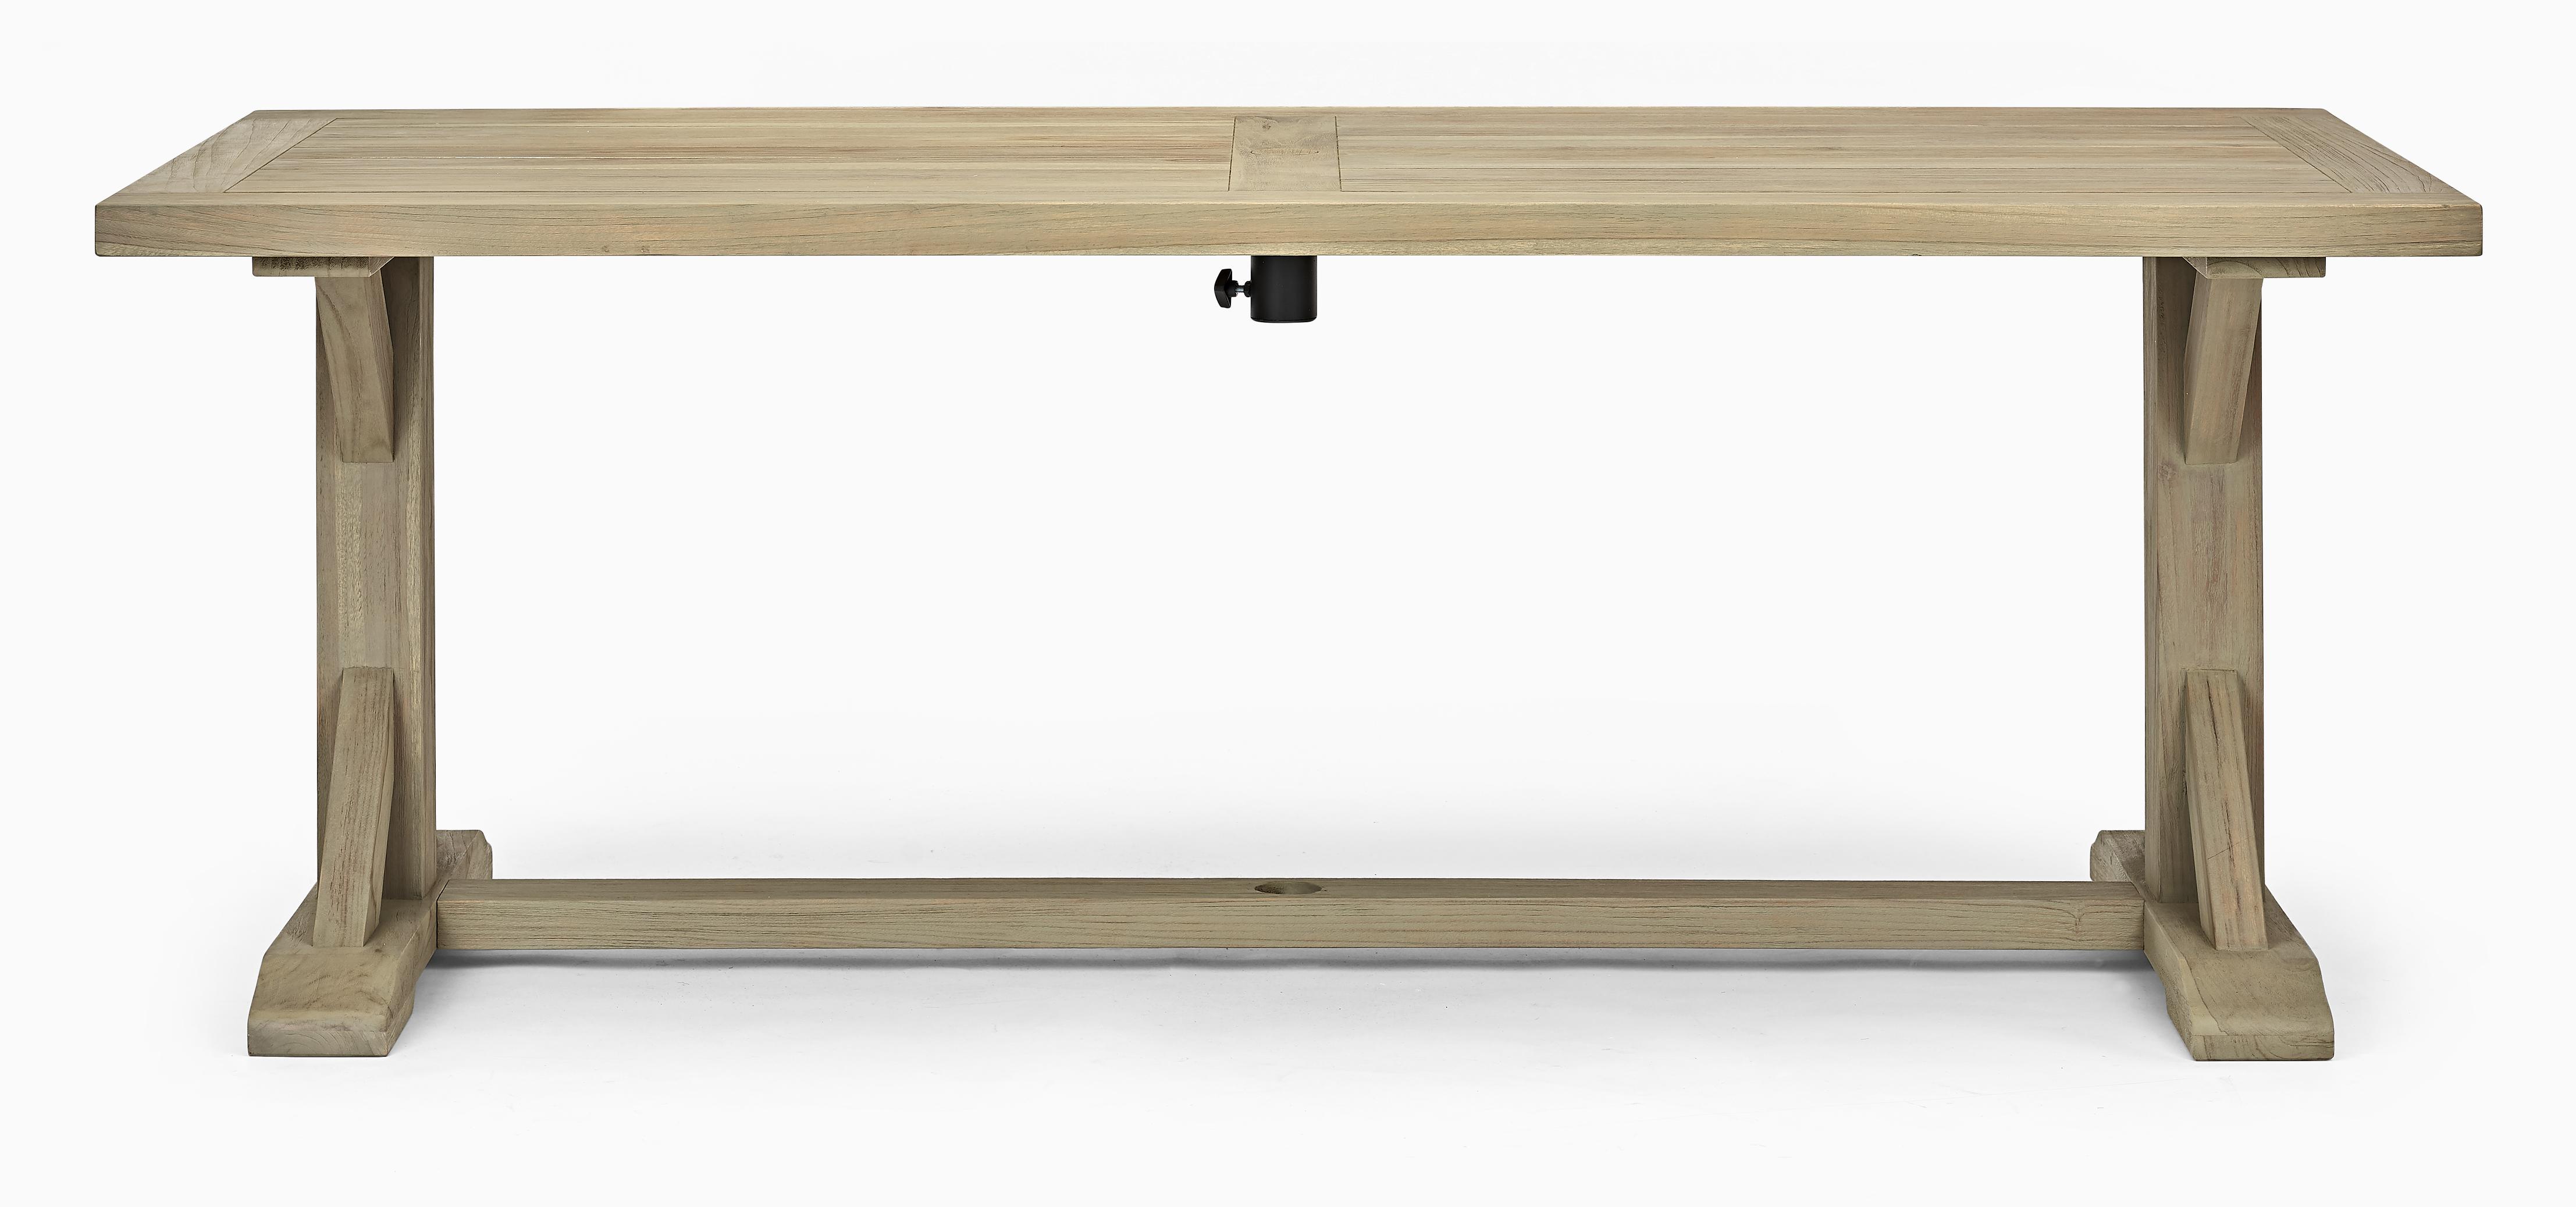 Harmondsworth Rectangular Table